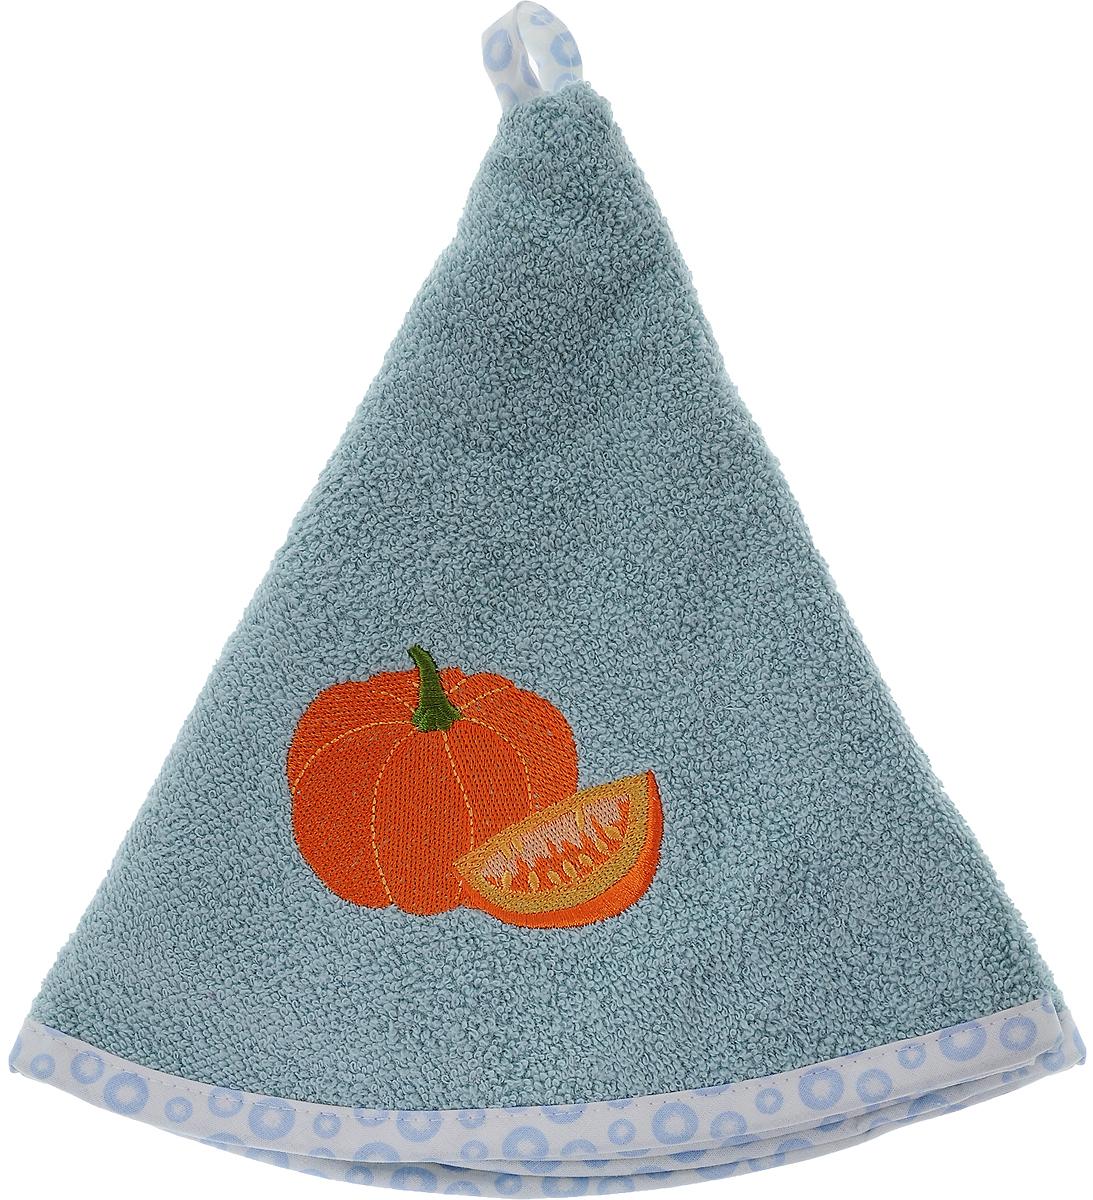 Полотенце кухонное Karna Zelina. Тыква, цвет: серо-голубой, оранжевый, диаметр 50 см504/CHAR005Круглое кухонное полотенце Karna Zelina. Тыква изготовлено из 100% хлопка, поэтому являетсяэкологически чистым. Качество материала гарантирует безопасность не только взрослым, но и самым маленьким членам семьи. Изделие мягкое и пушистое, оснащено удобной петелькой и украшено оригинальной вышивкой. Кухонное полотенце Karna сделает интерьер вашей кухни стильным и гармоничным.Диаметр полотенца: 50 см.